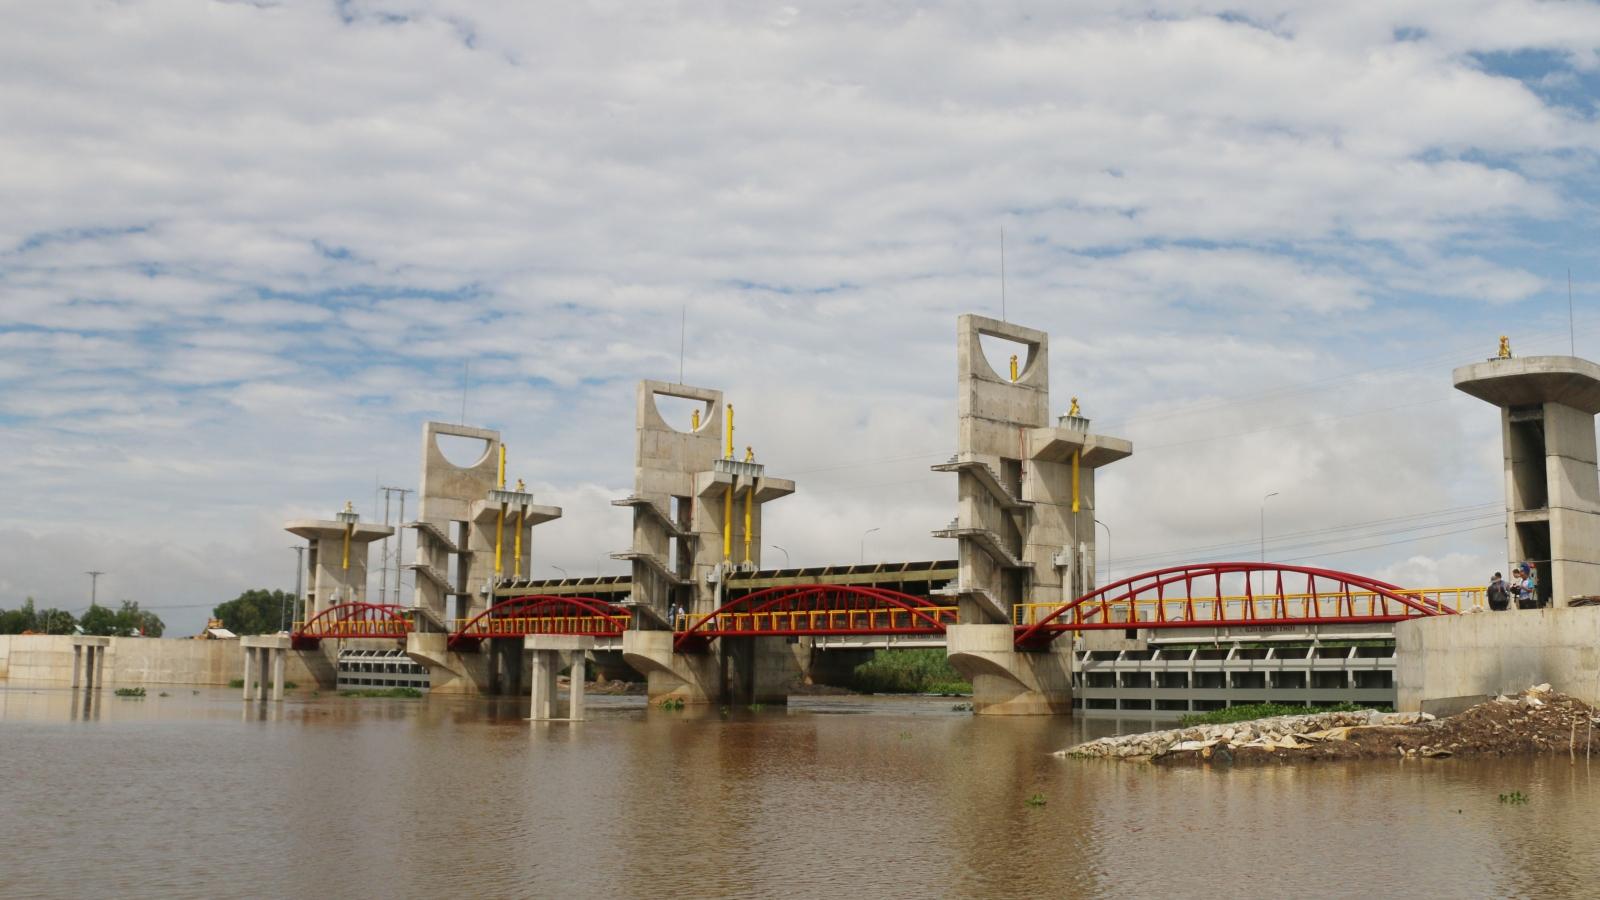 Vận hành xả cống kiểm soát lũ sông vùng Tứ Giác Long Xuyên (An Giang)